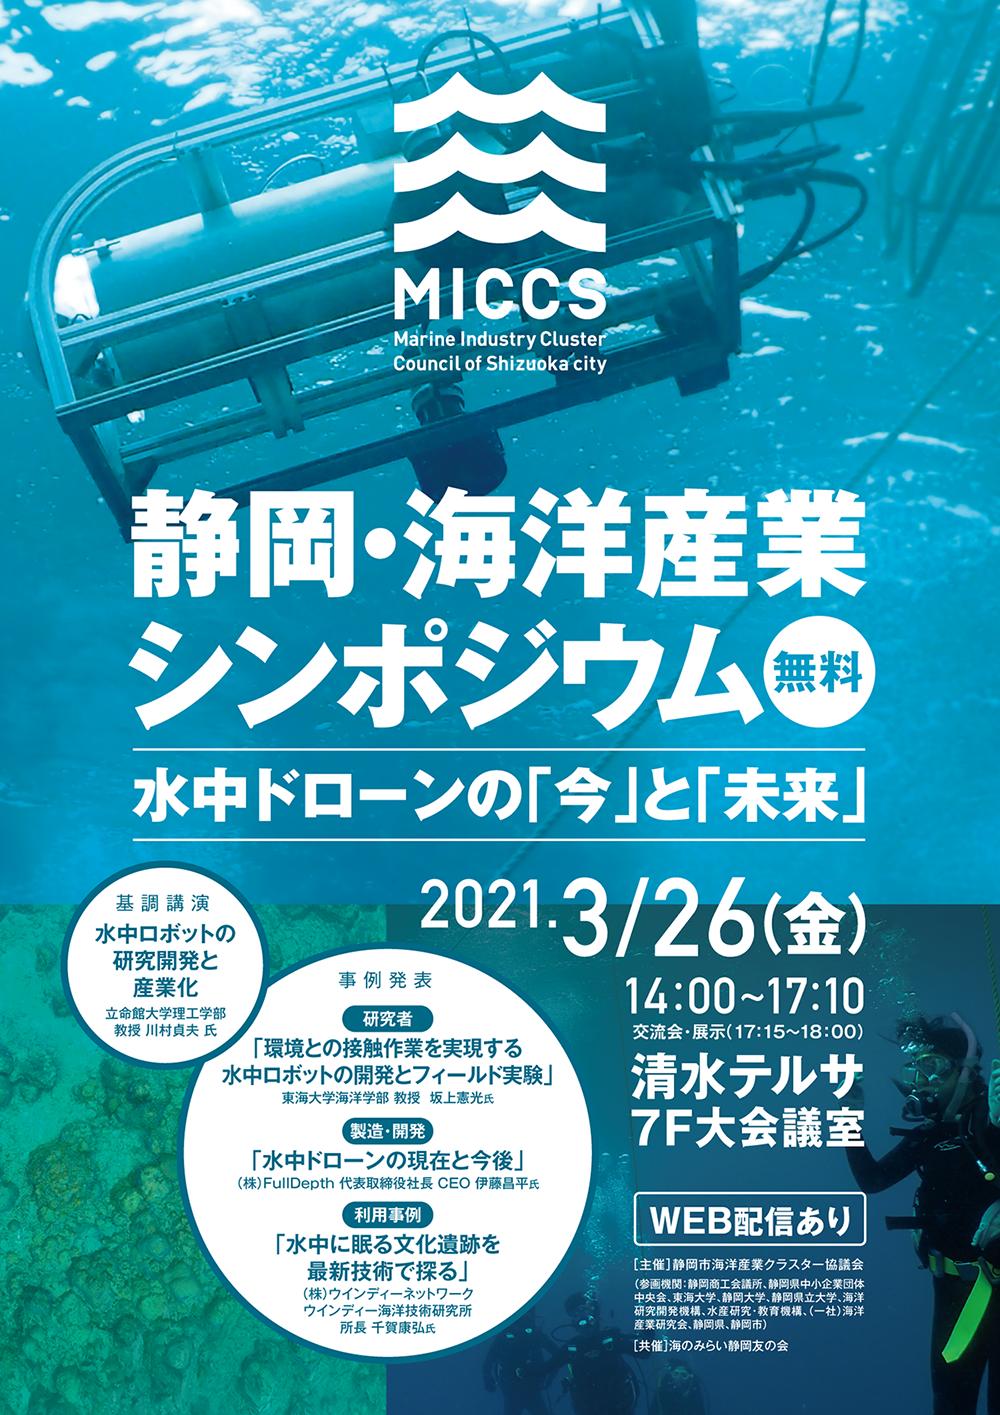 令和2年度 静岡・海洋産業シンポジウム開催のお知らせ。